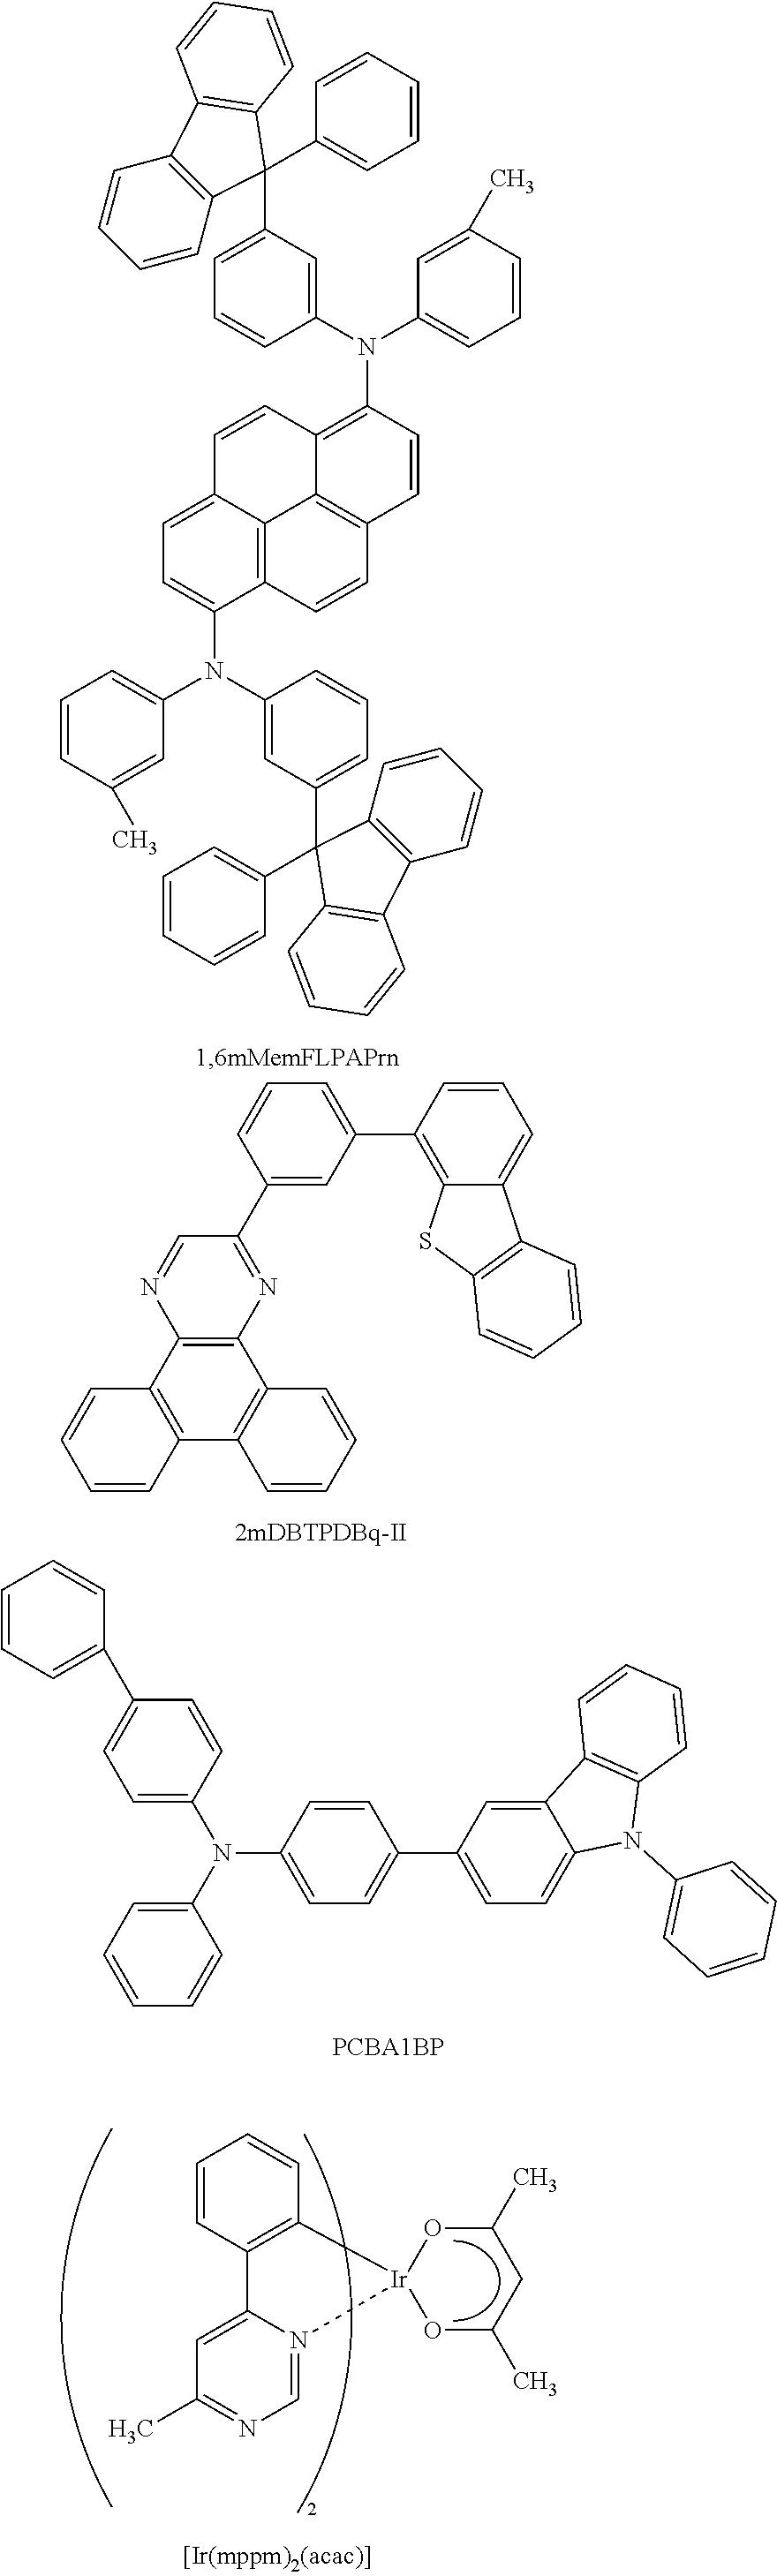 Figure US09391289-20160712-C00006